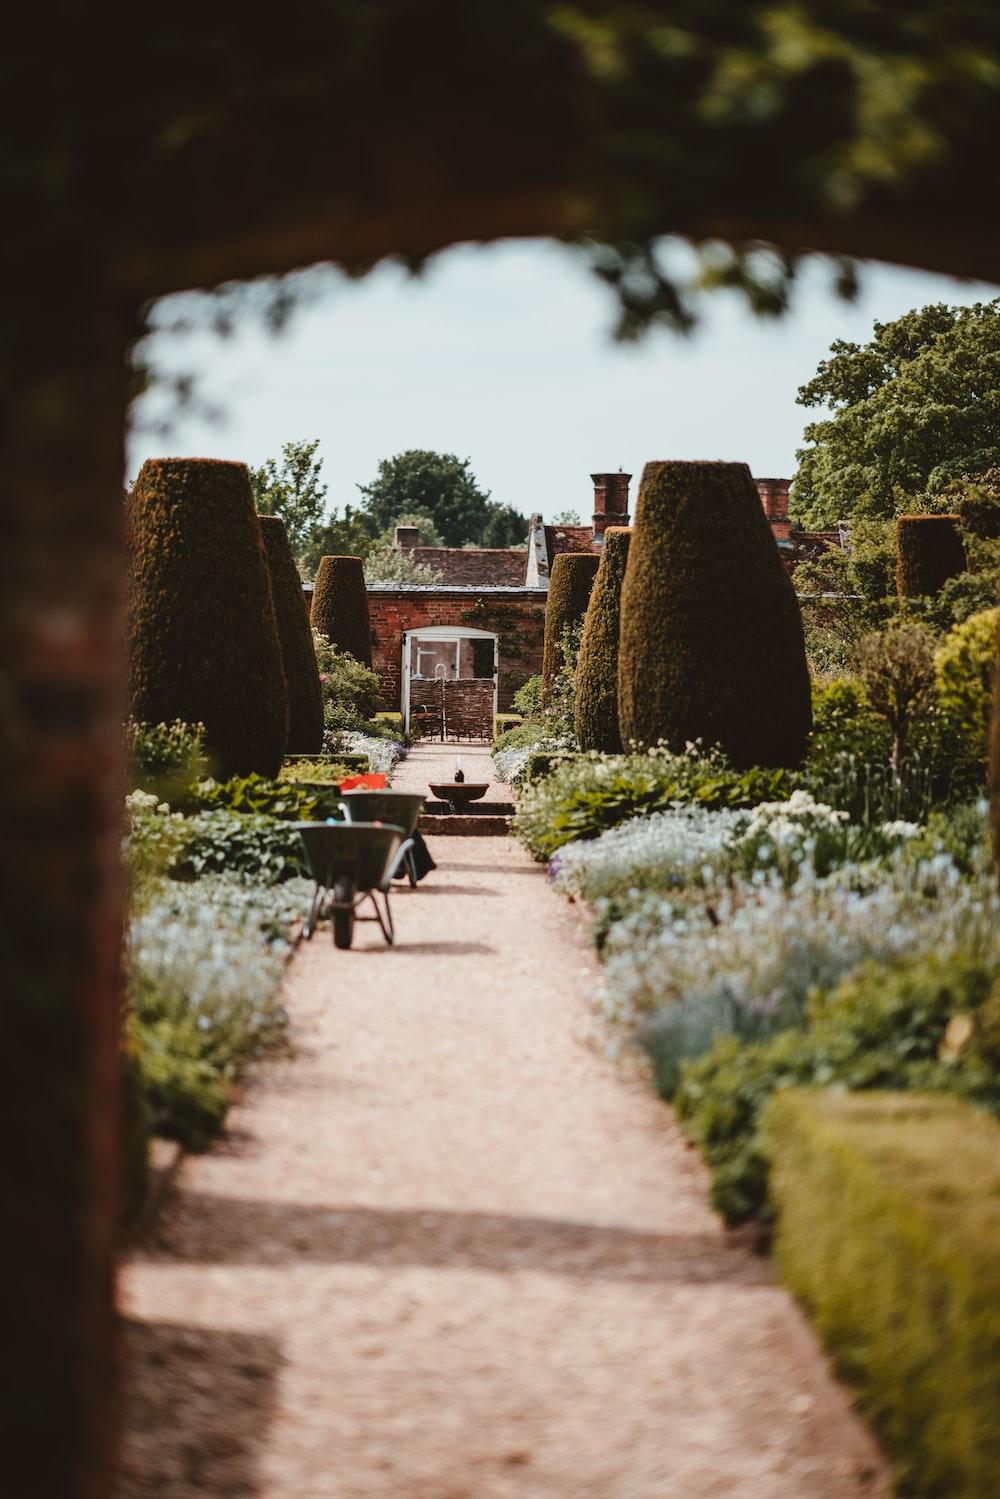 brown walkway beside green grass garden